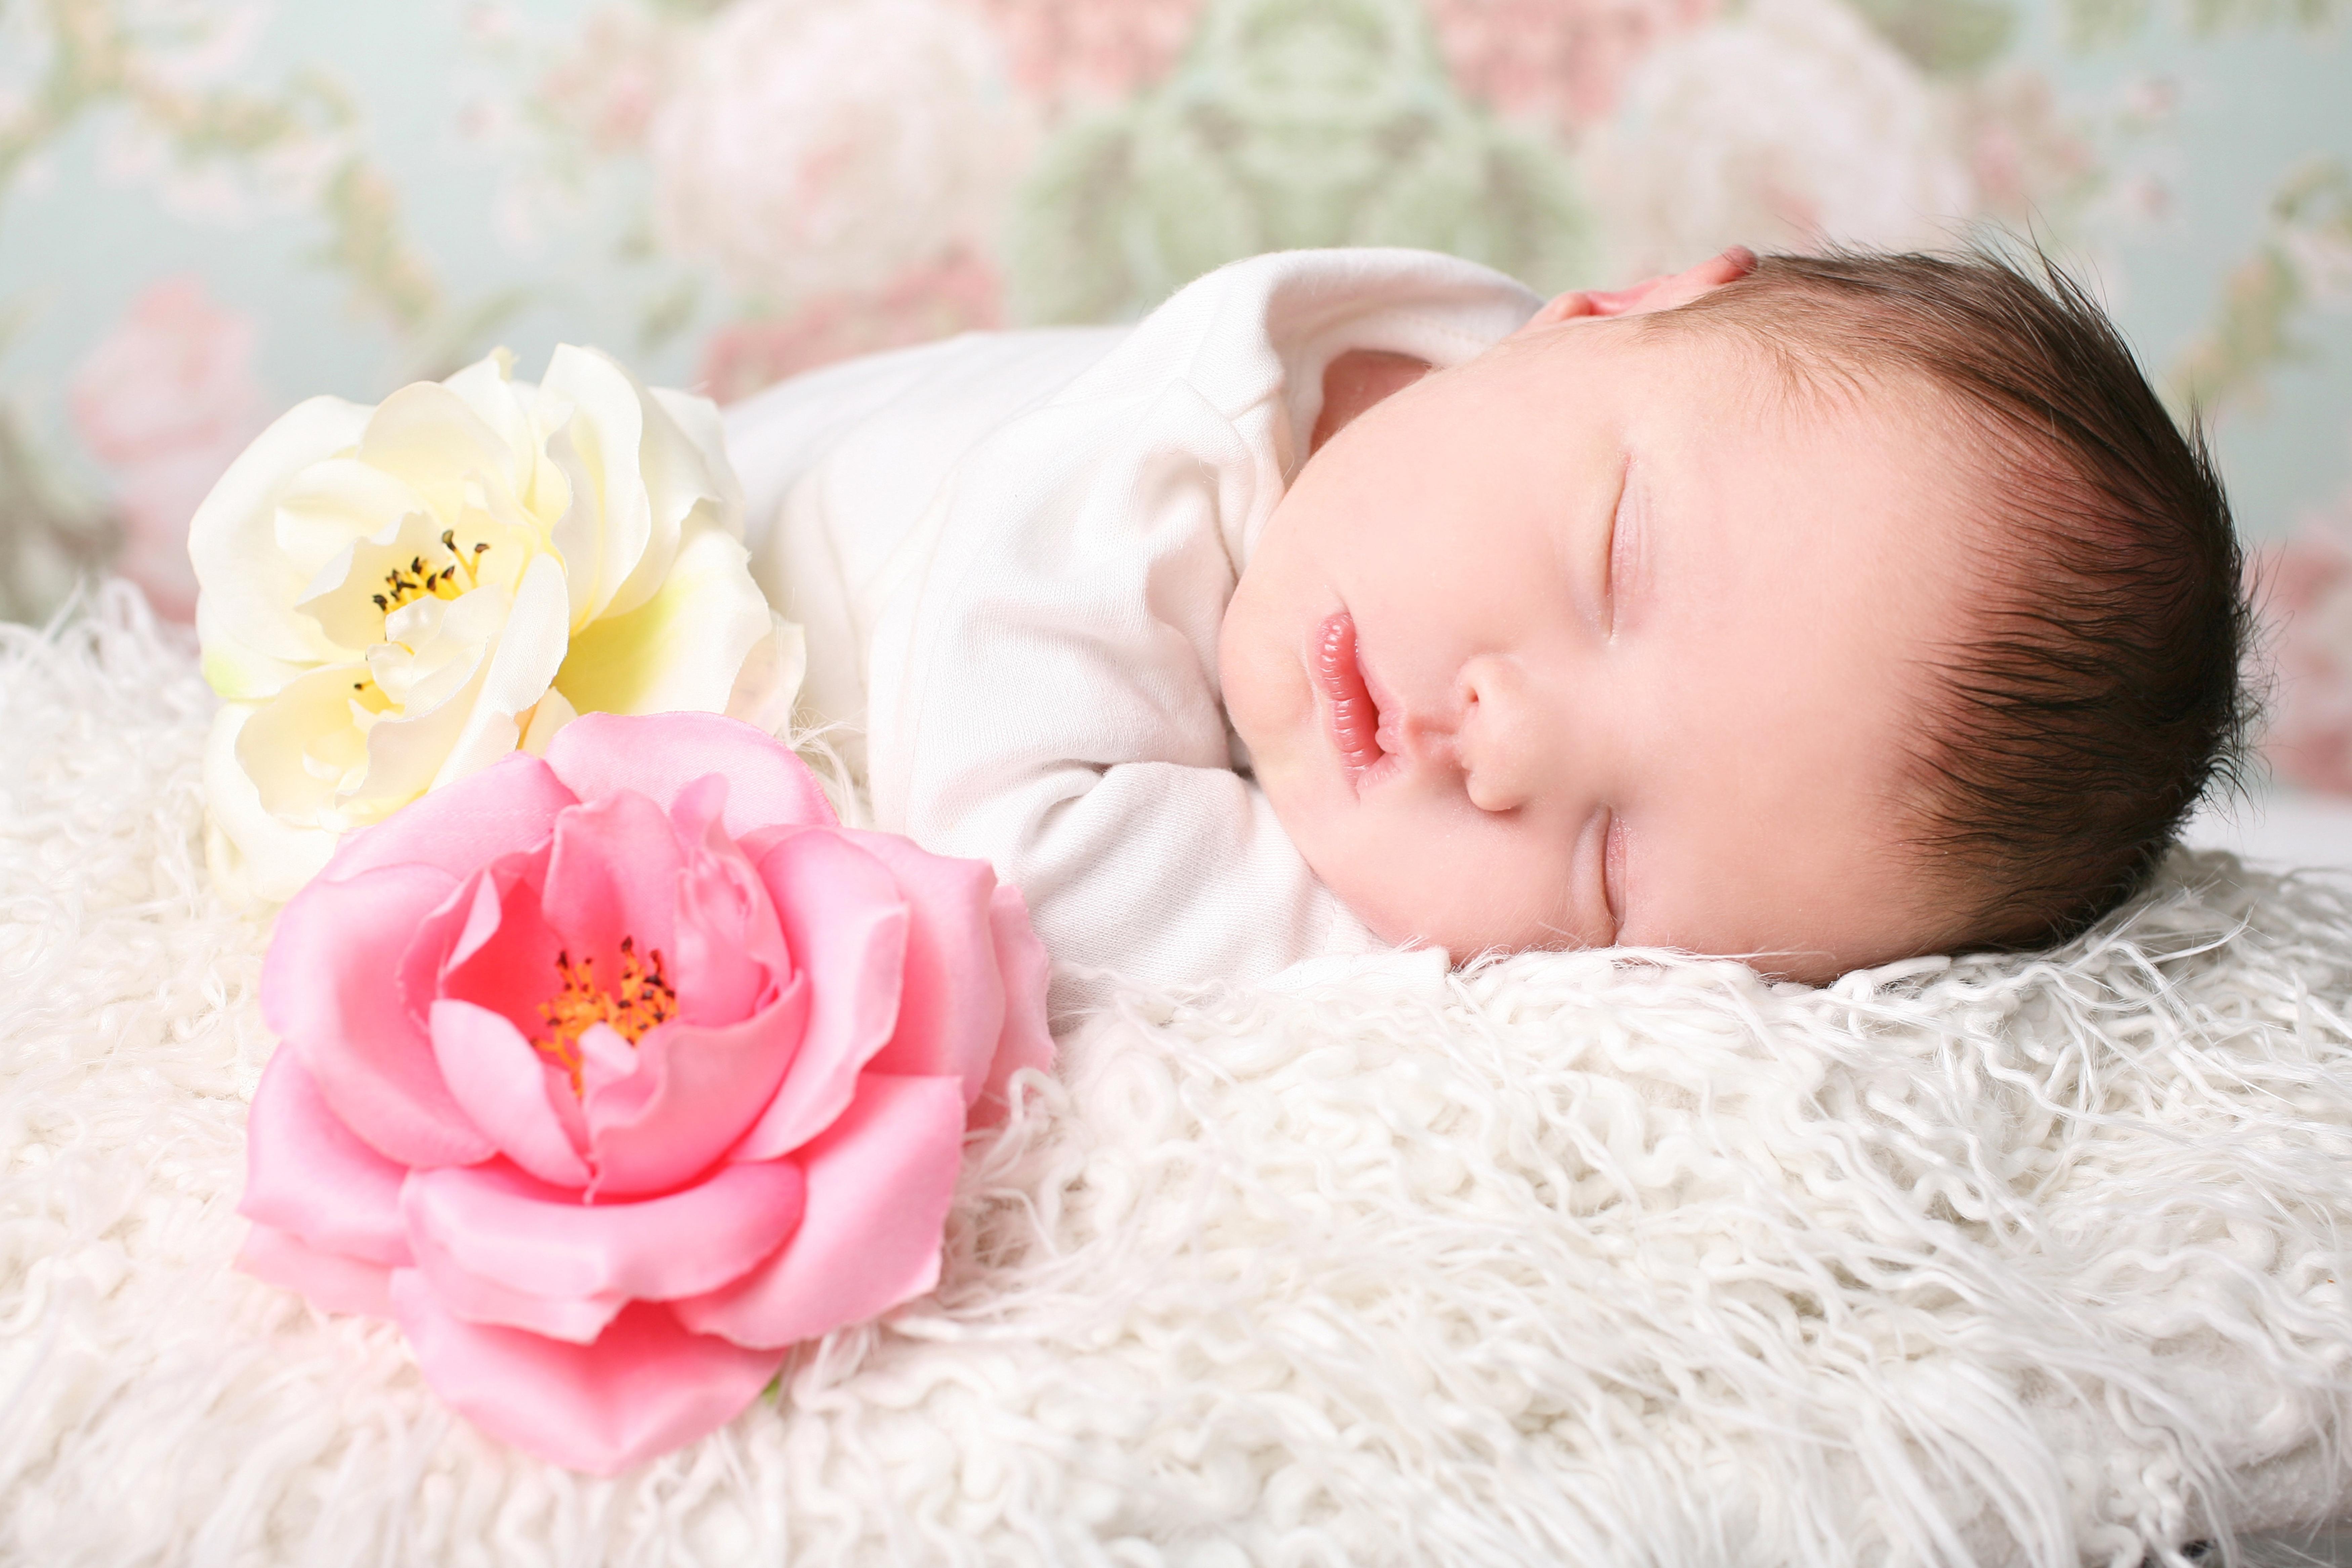 Новорожденные детки картинки, свой надпись картинках